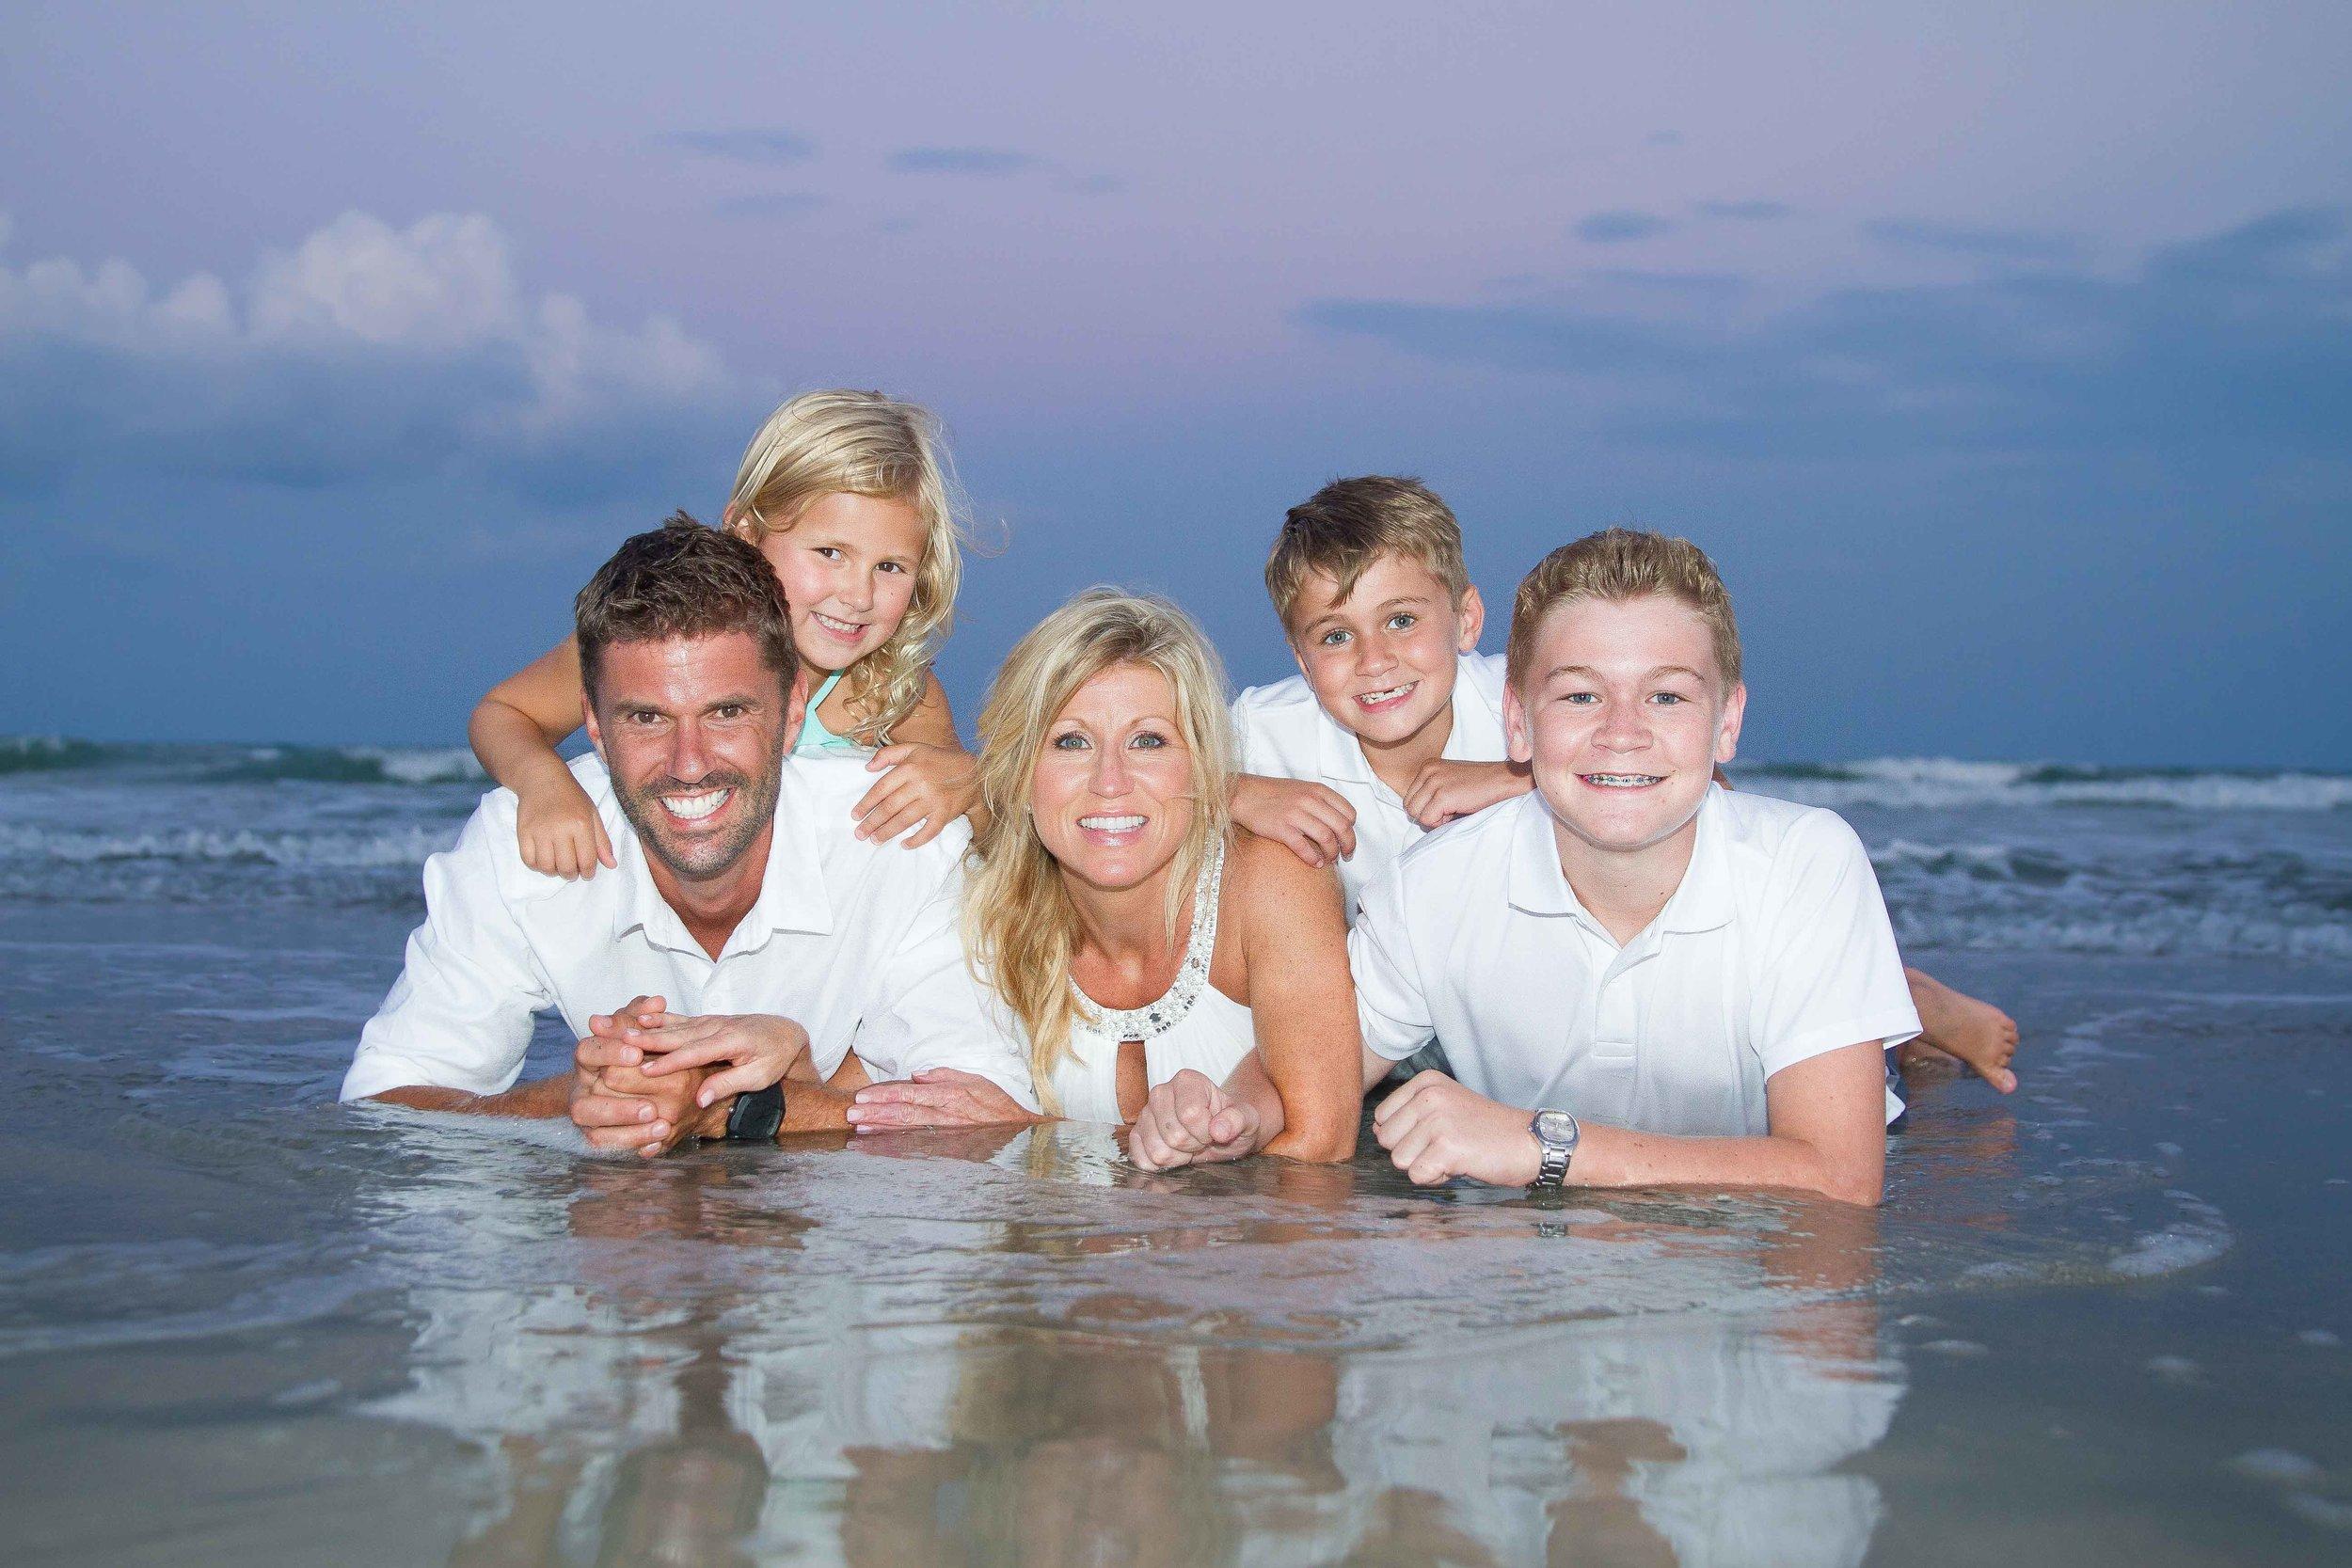 Myrtle beach family photographer ramona nicolae photography beach photos-3.jpg